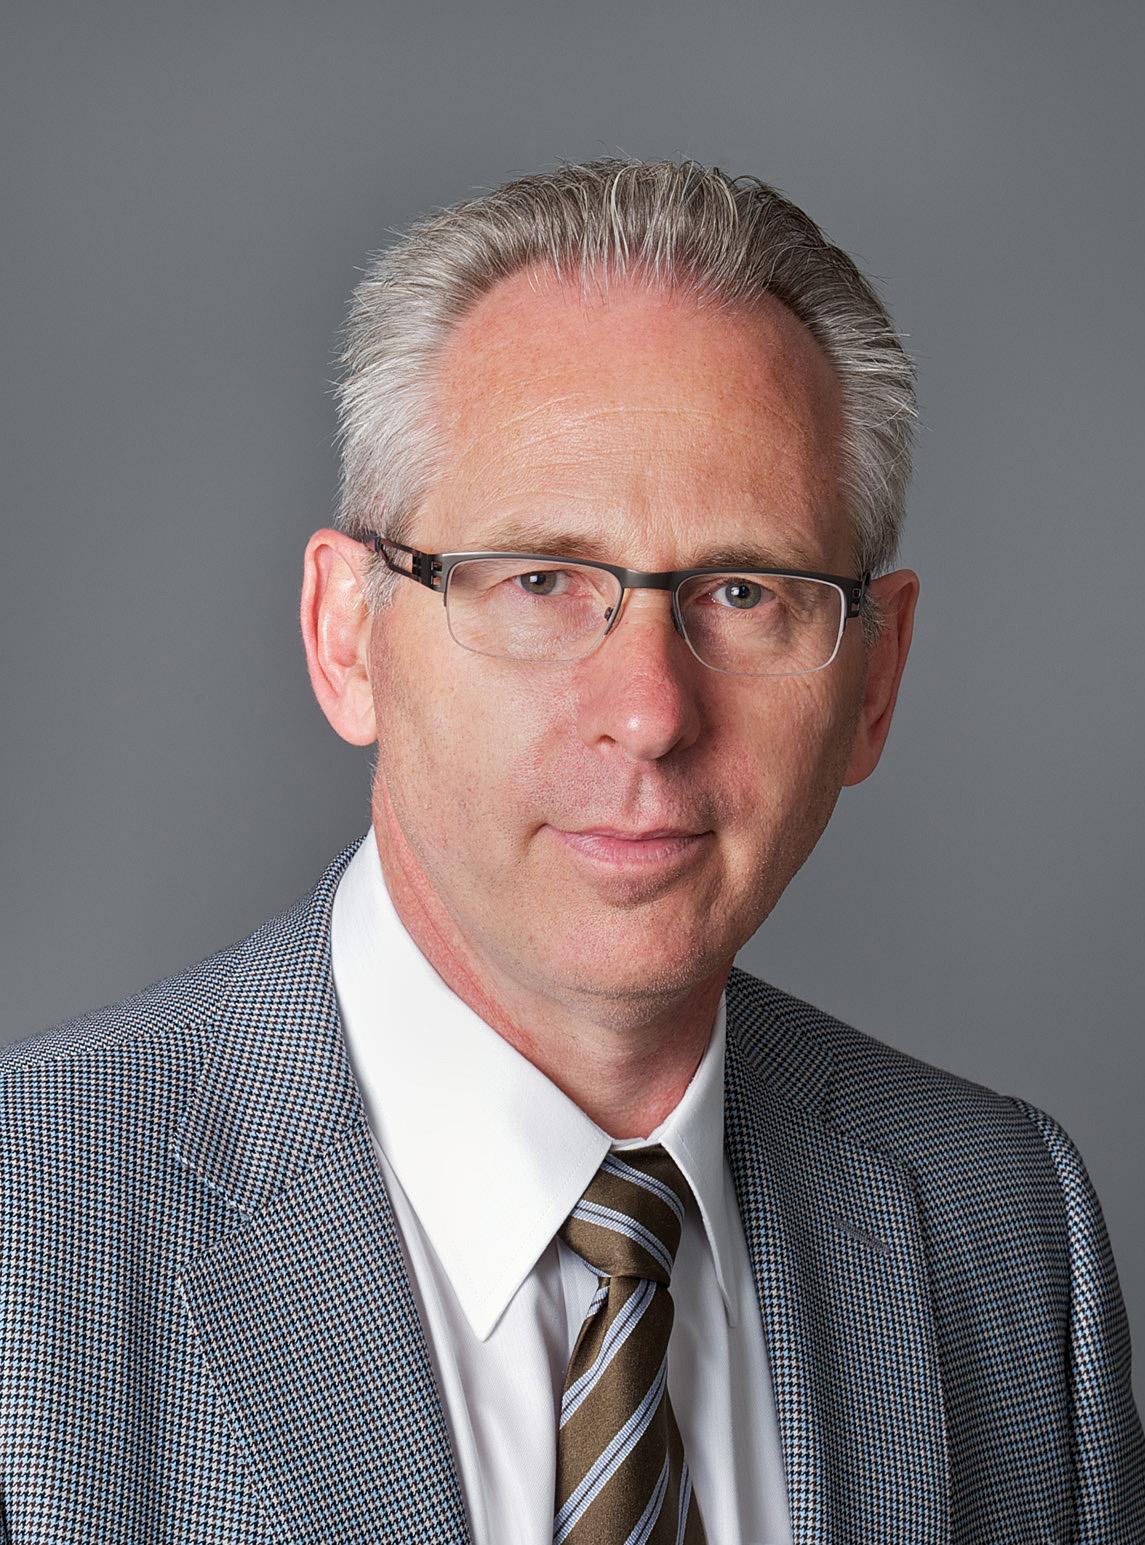 Ed McCauley